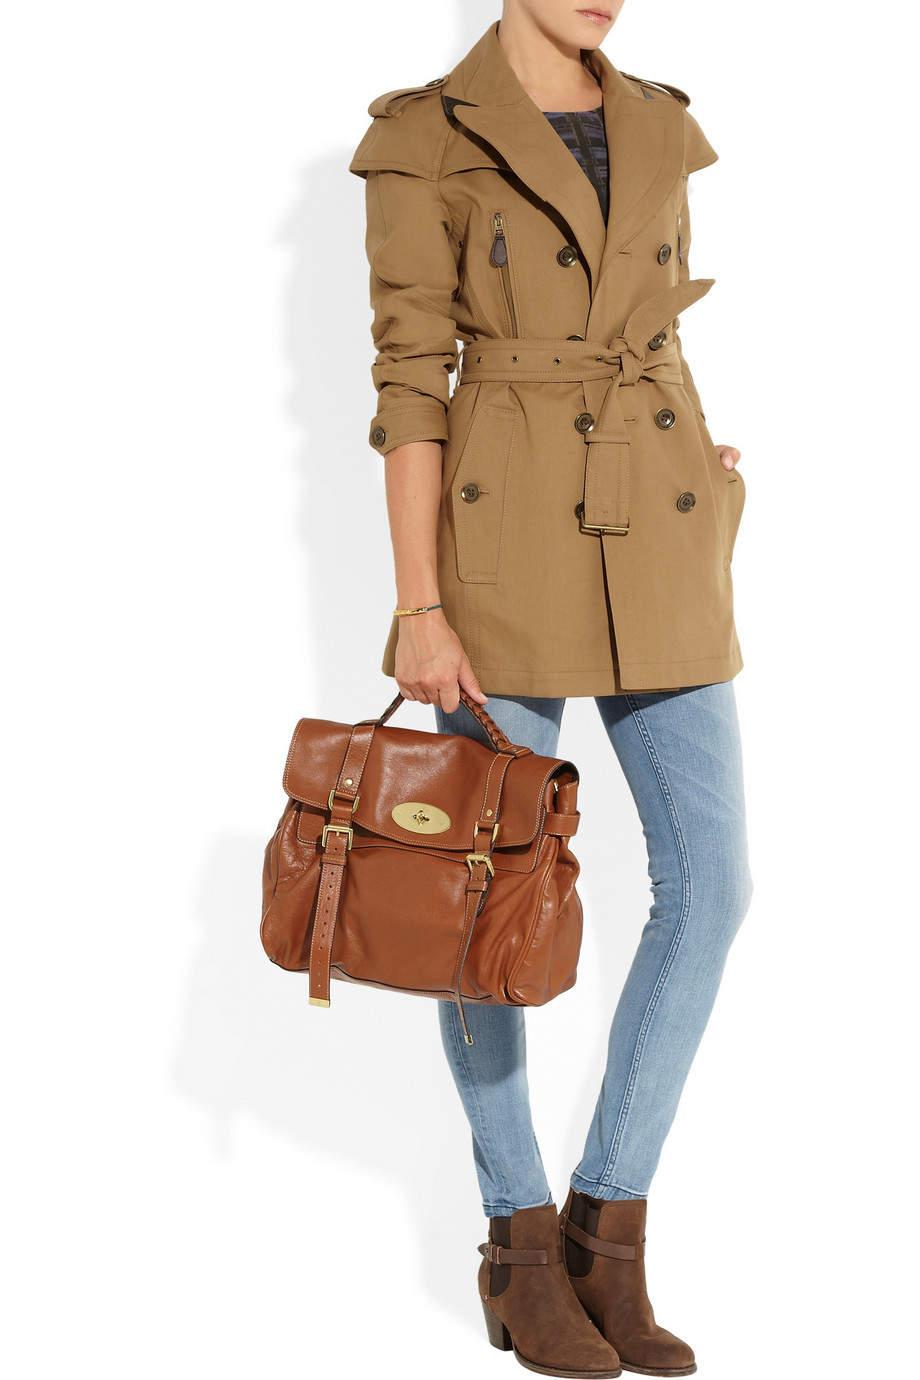 ビジネスウーマン必見!スーツに合わせるコート選び、今年は私服にも使えるトレンチで決まり 4番目の画像